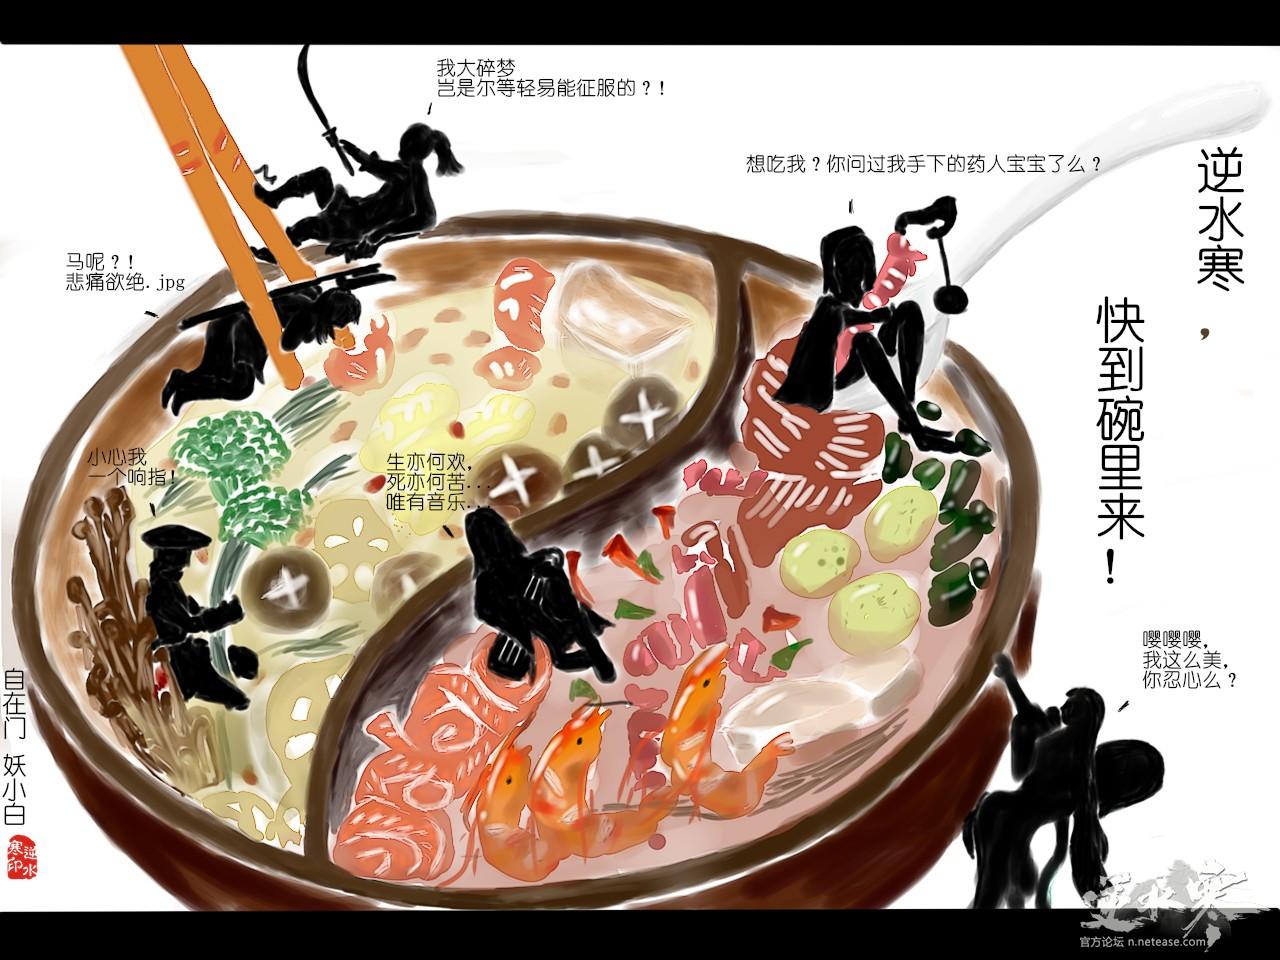 【逆水寒欢迎你】【手绘】一碗江湖,绝不孤独!